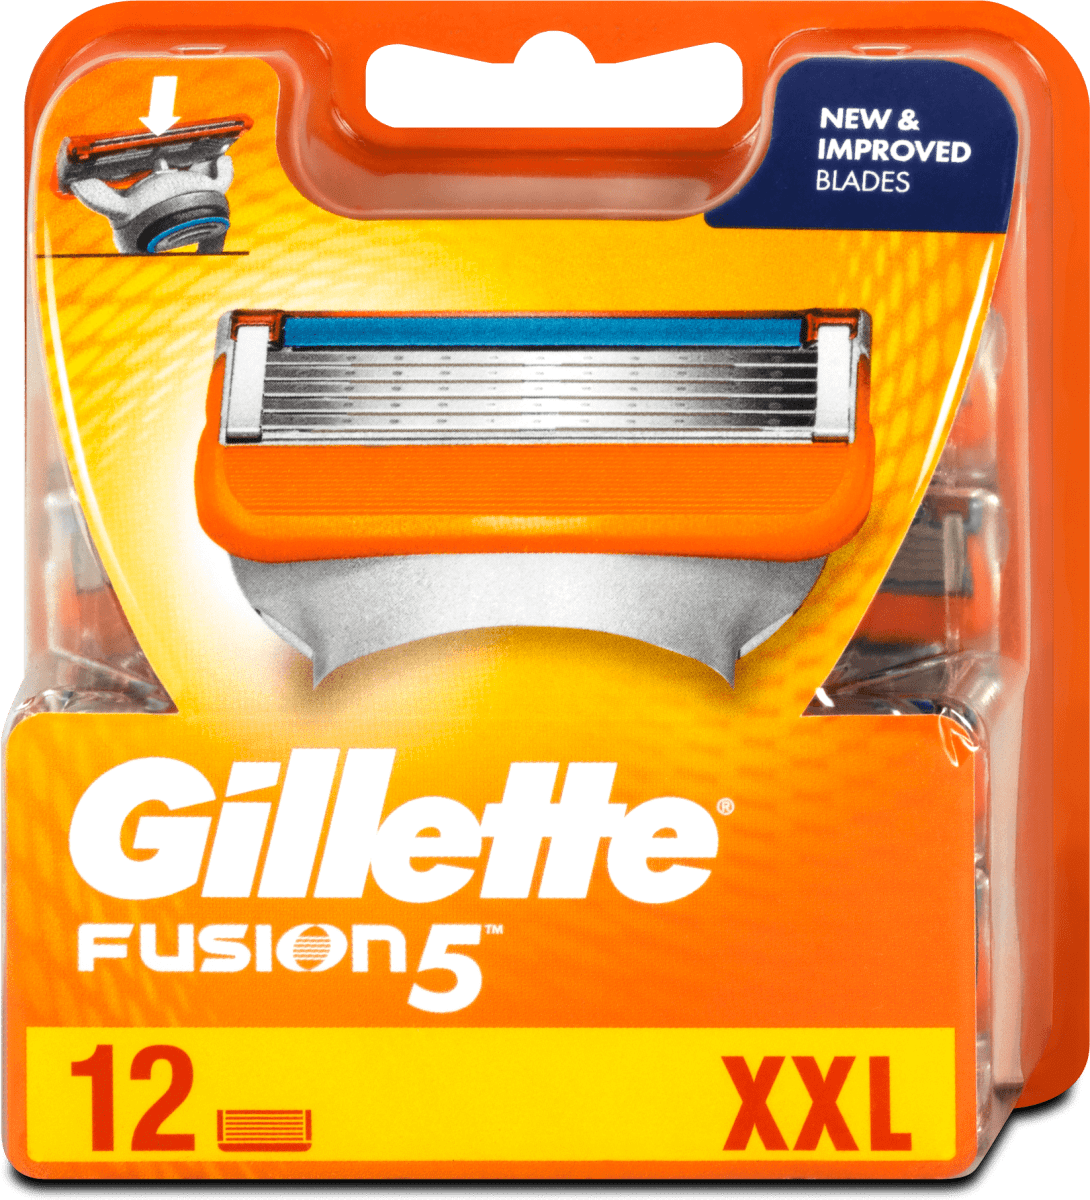 gillette fusion5 rasierklingen vorteilspack xxl 12 st  dmat